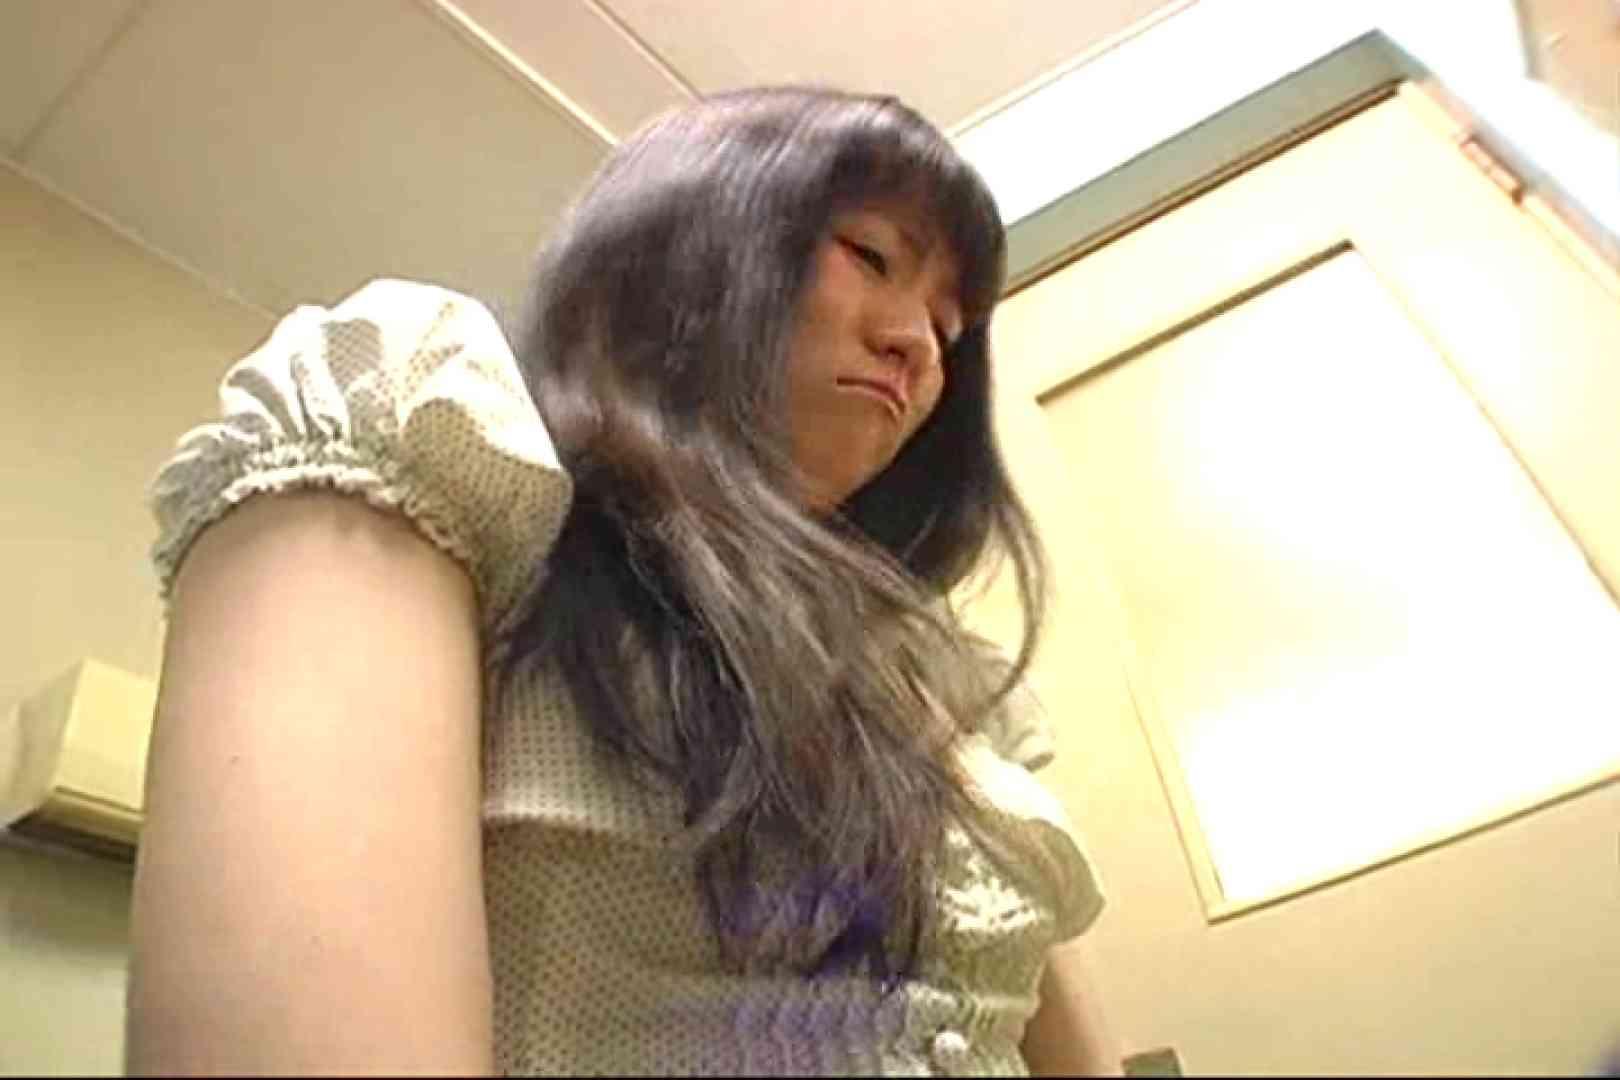 雑居ビル洗面所只今使用禁止中!Vol.2 美女OL   小悪魔ギャル  103連発 4